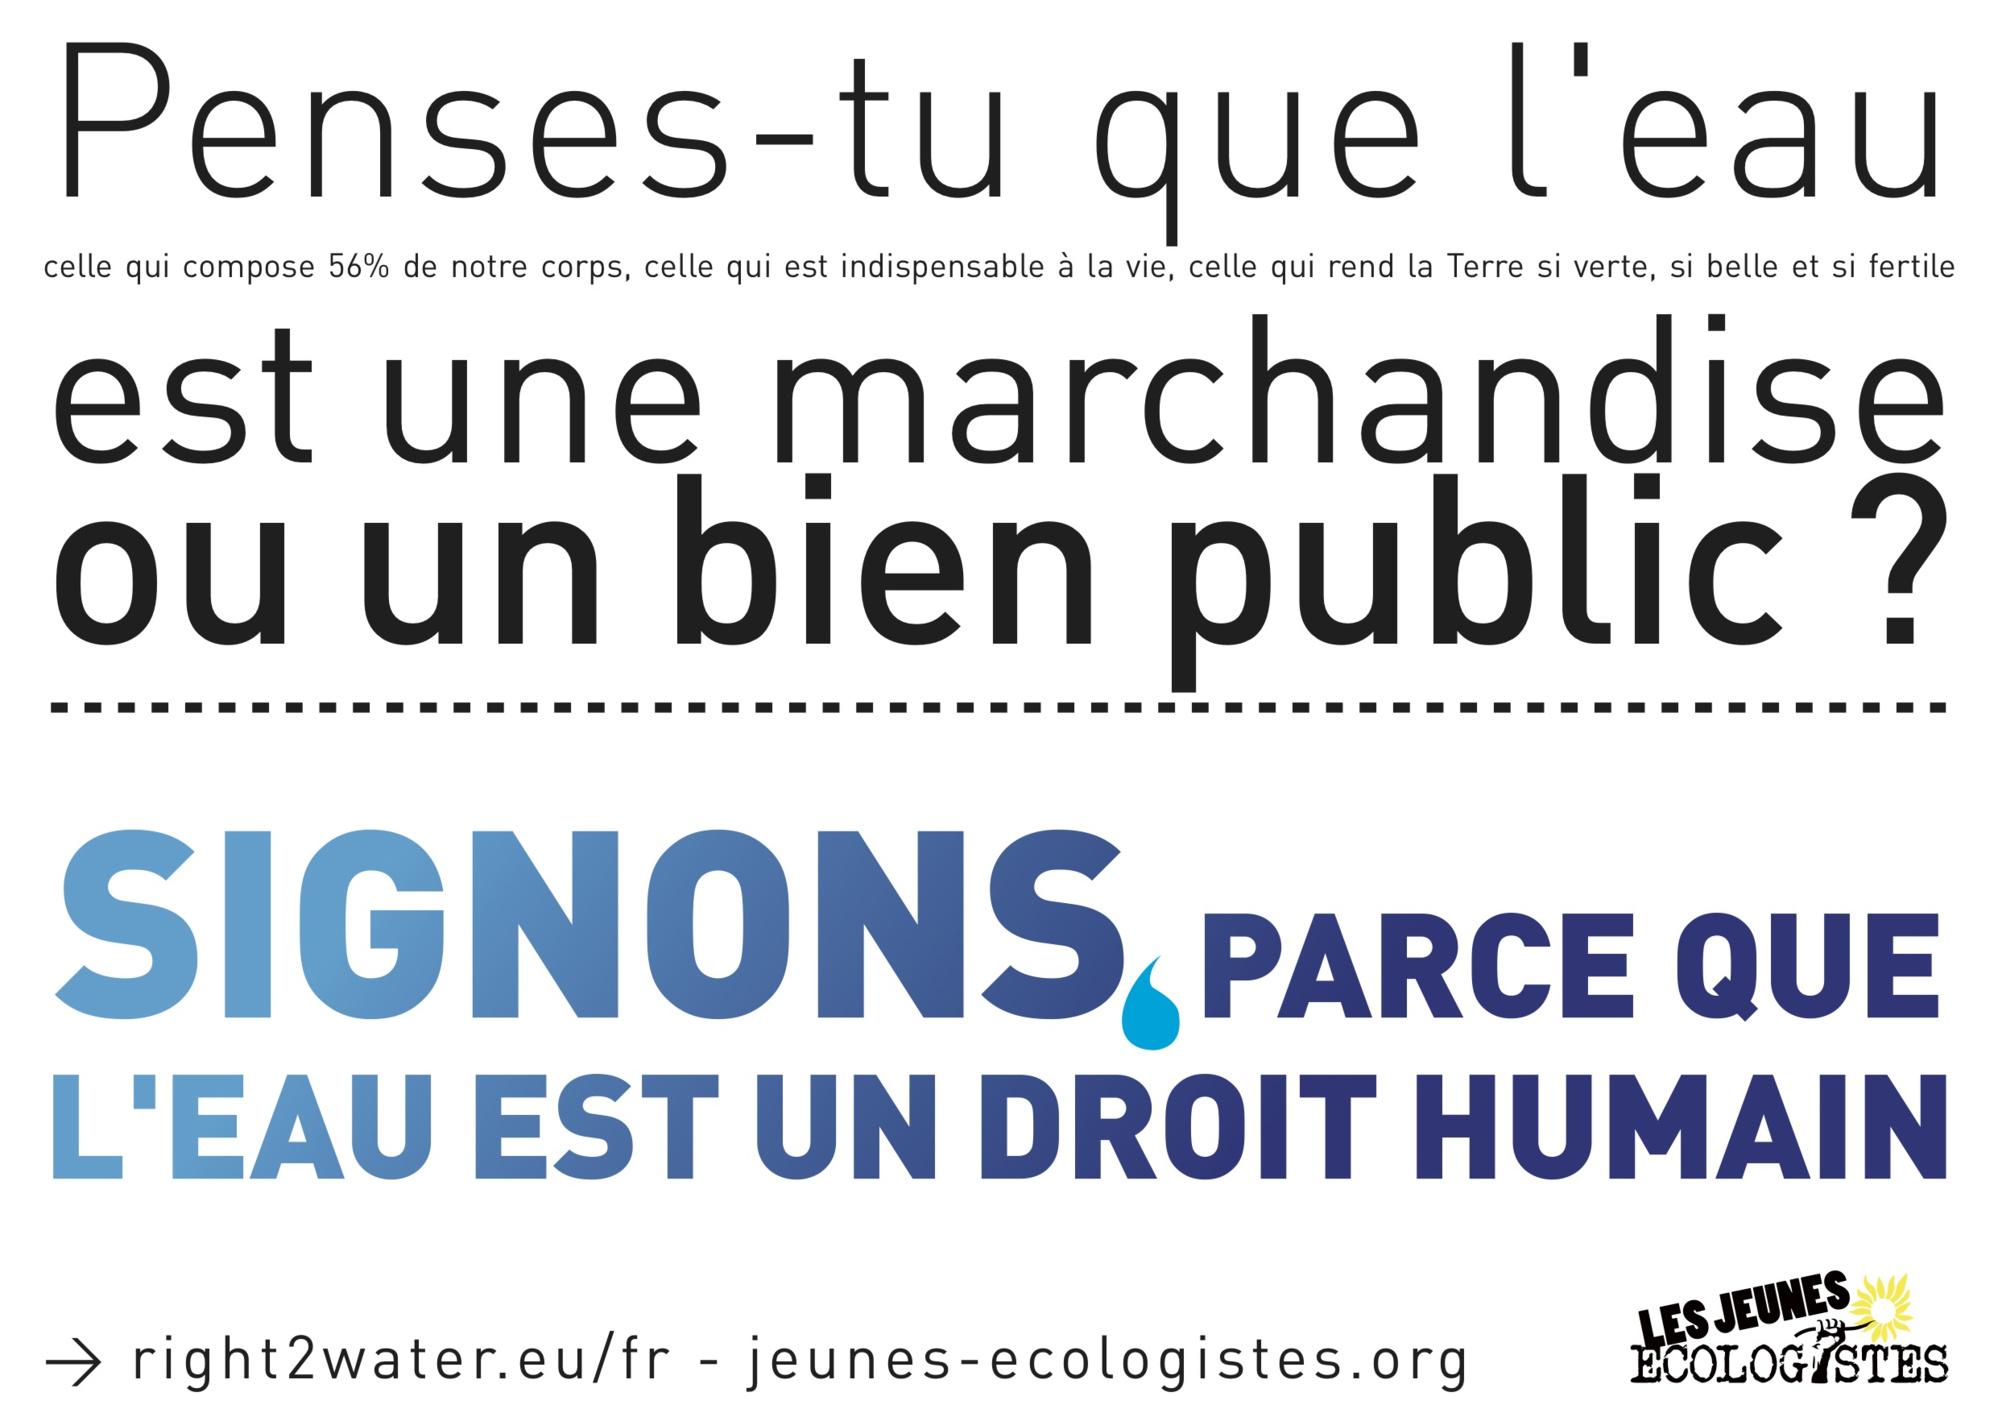 Signons afin que l'eau soit considérée comme un bien public et un droit humain